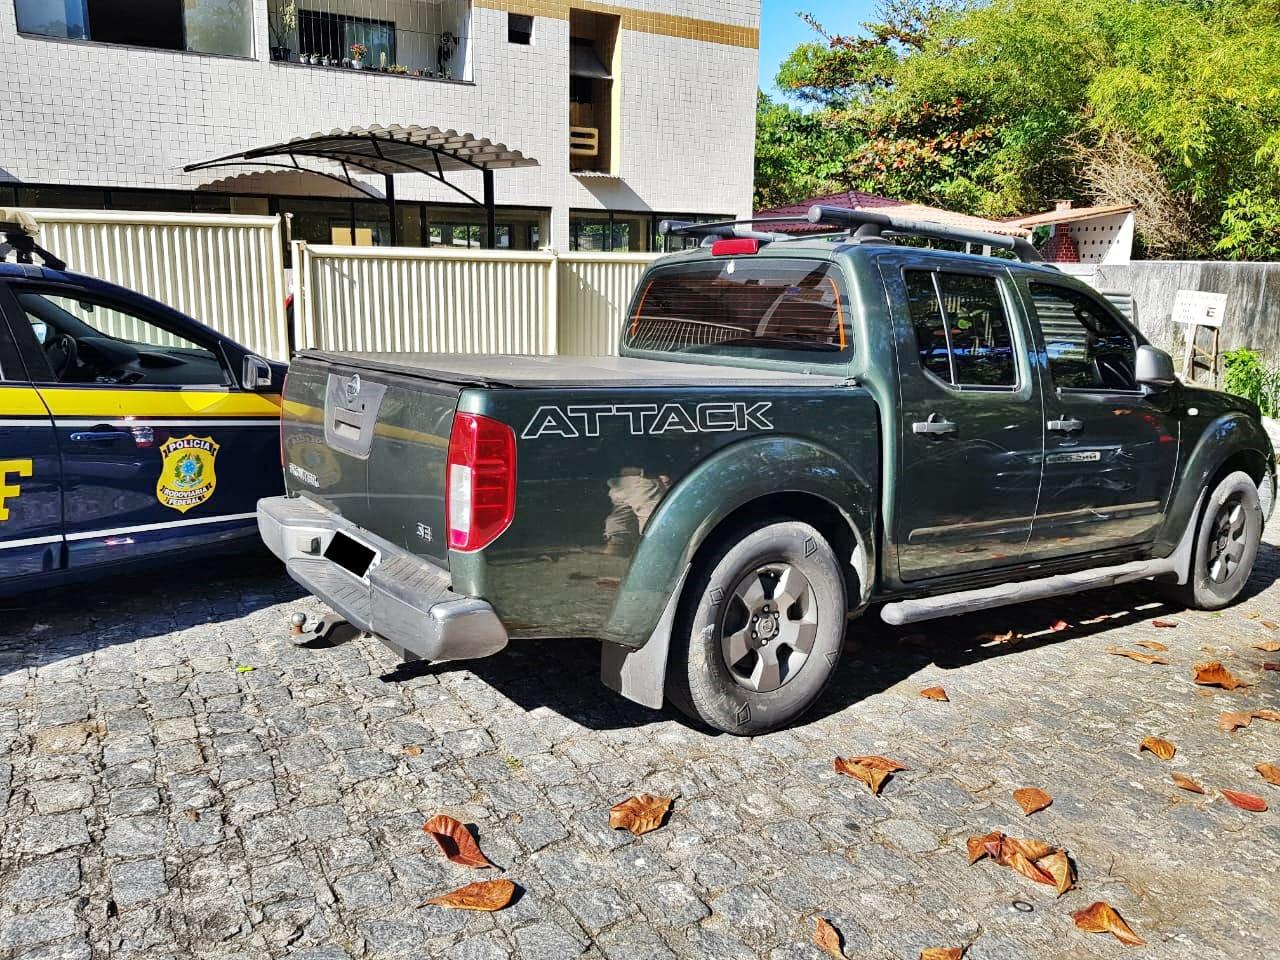 WhatsApp Image 2020 08 24 at 15.09.48 - PRF prende motorista embriagado e não habilitado após fuga e acidente de trânsito em João Pessoa